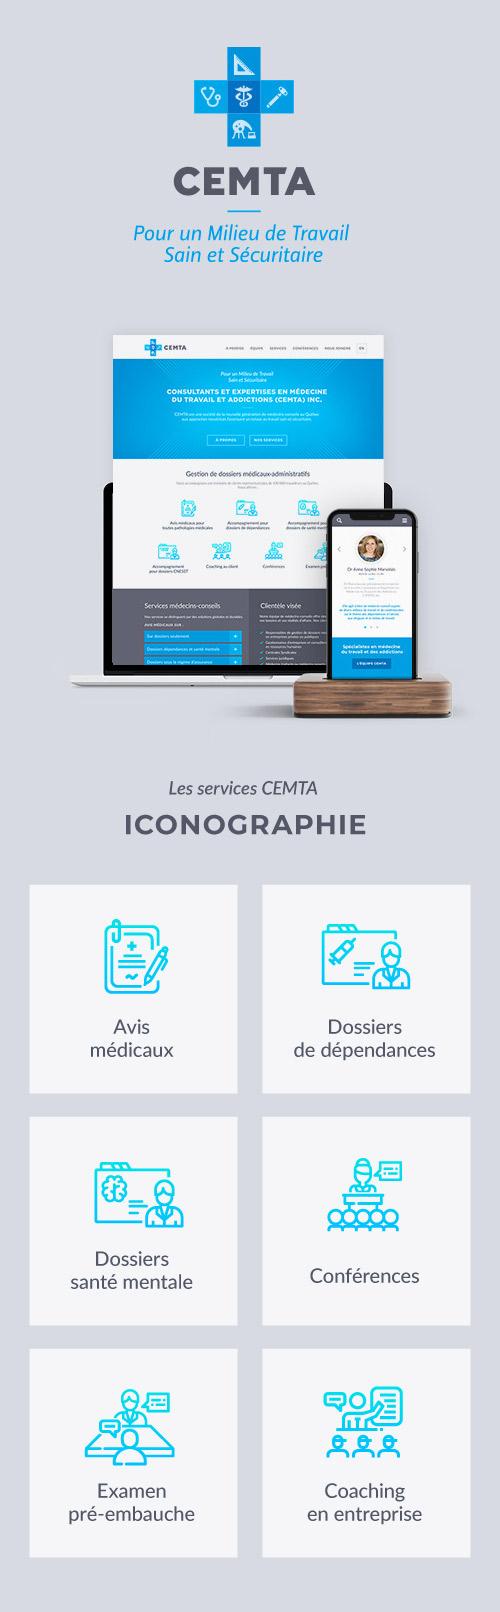 Conception des icônes personnalisées CEMTA : Consultants en médecine du travail